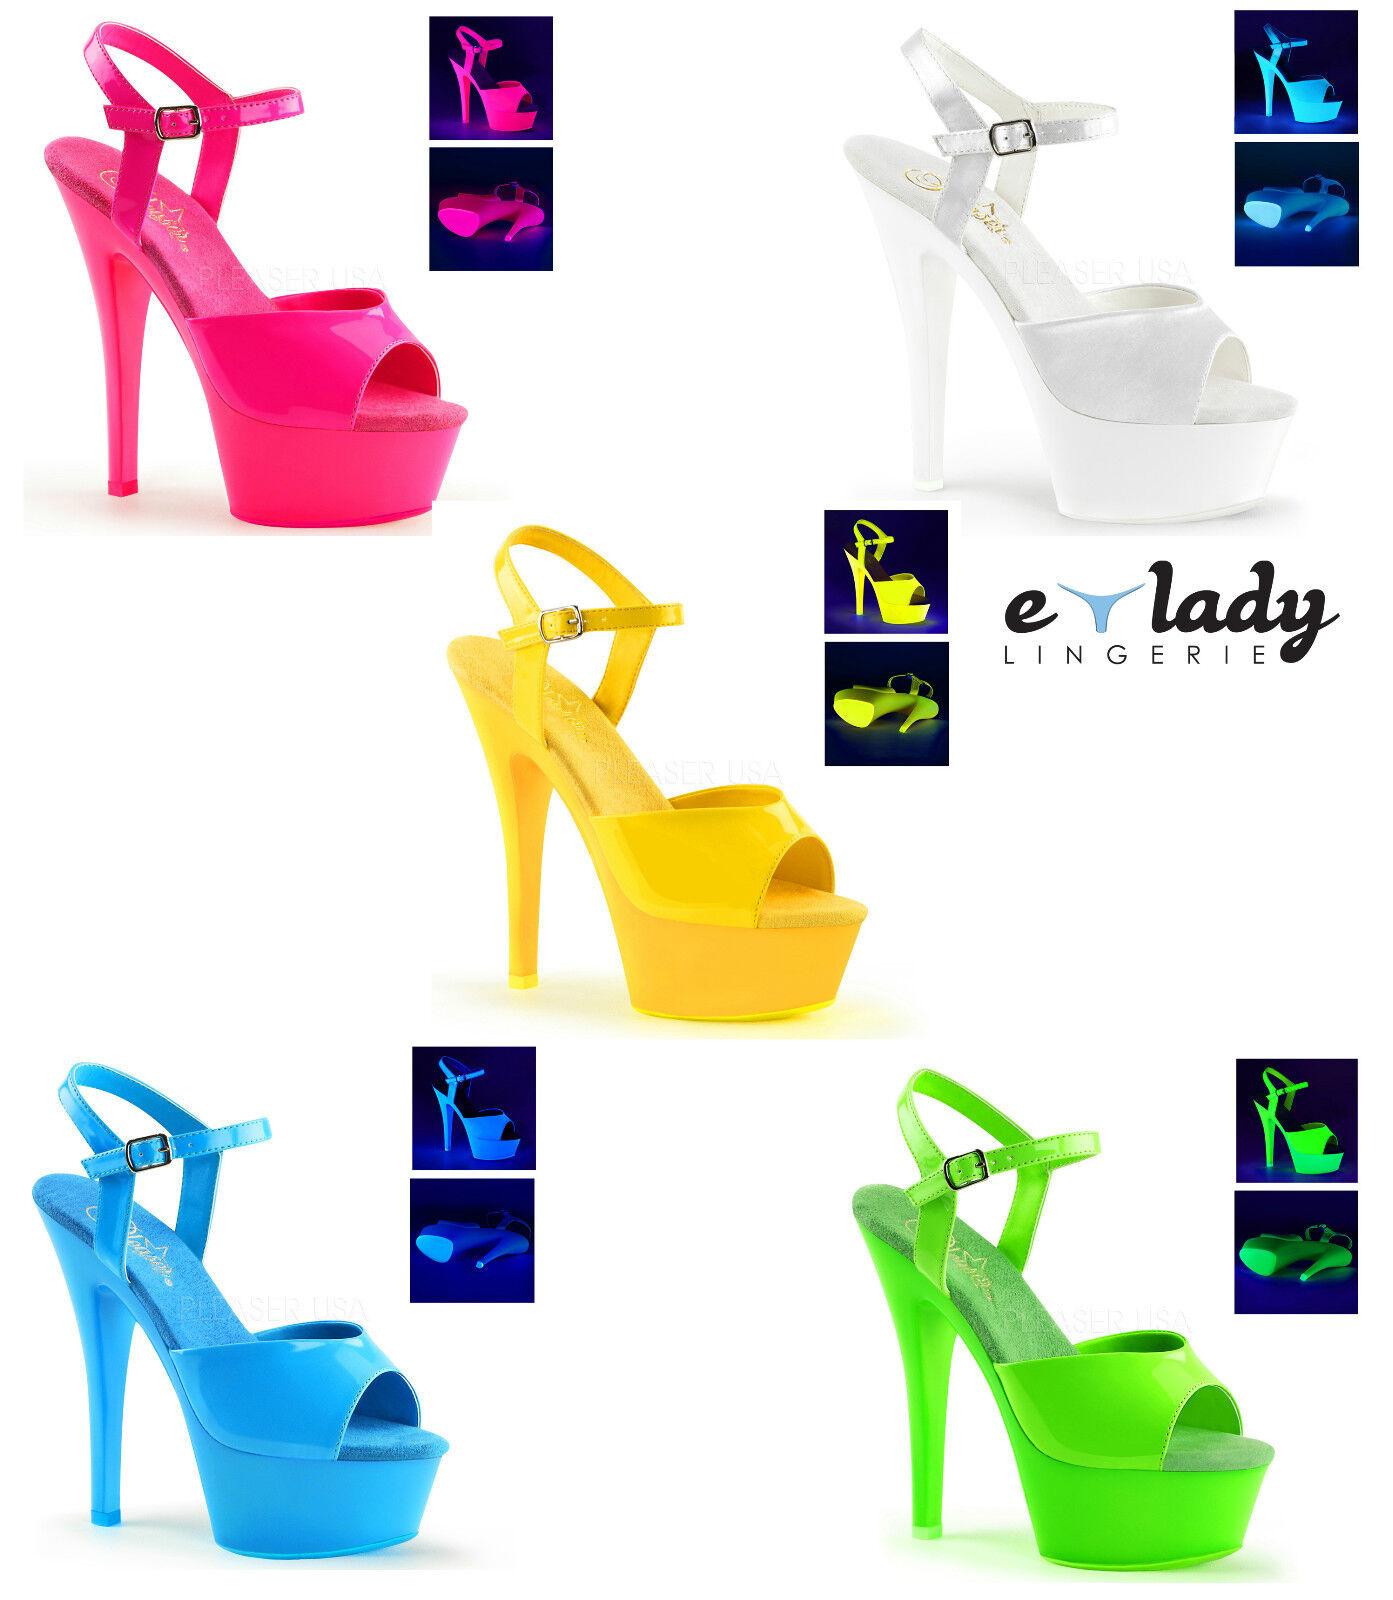 Pleaser Kiss-209UV Schuhes Platform Sandales Neon Stilettos High Heels Ankle Strap